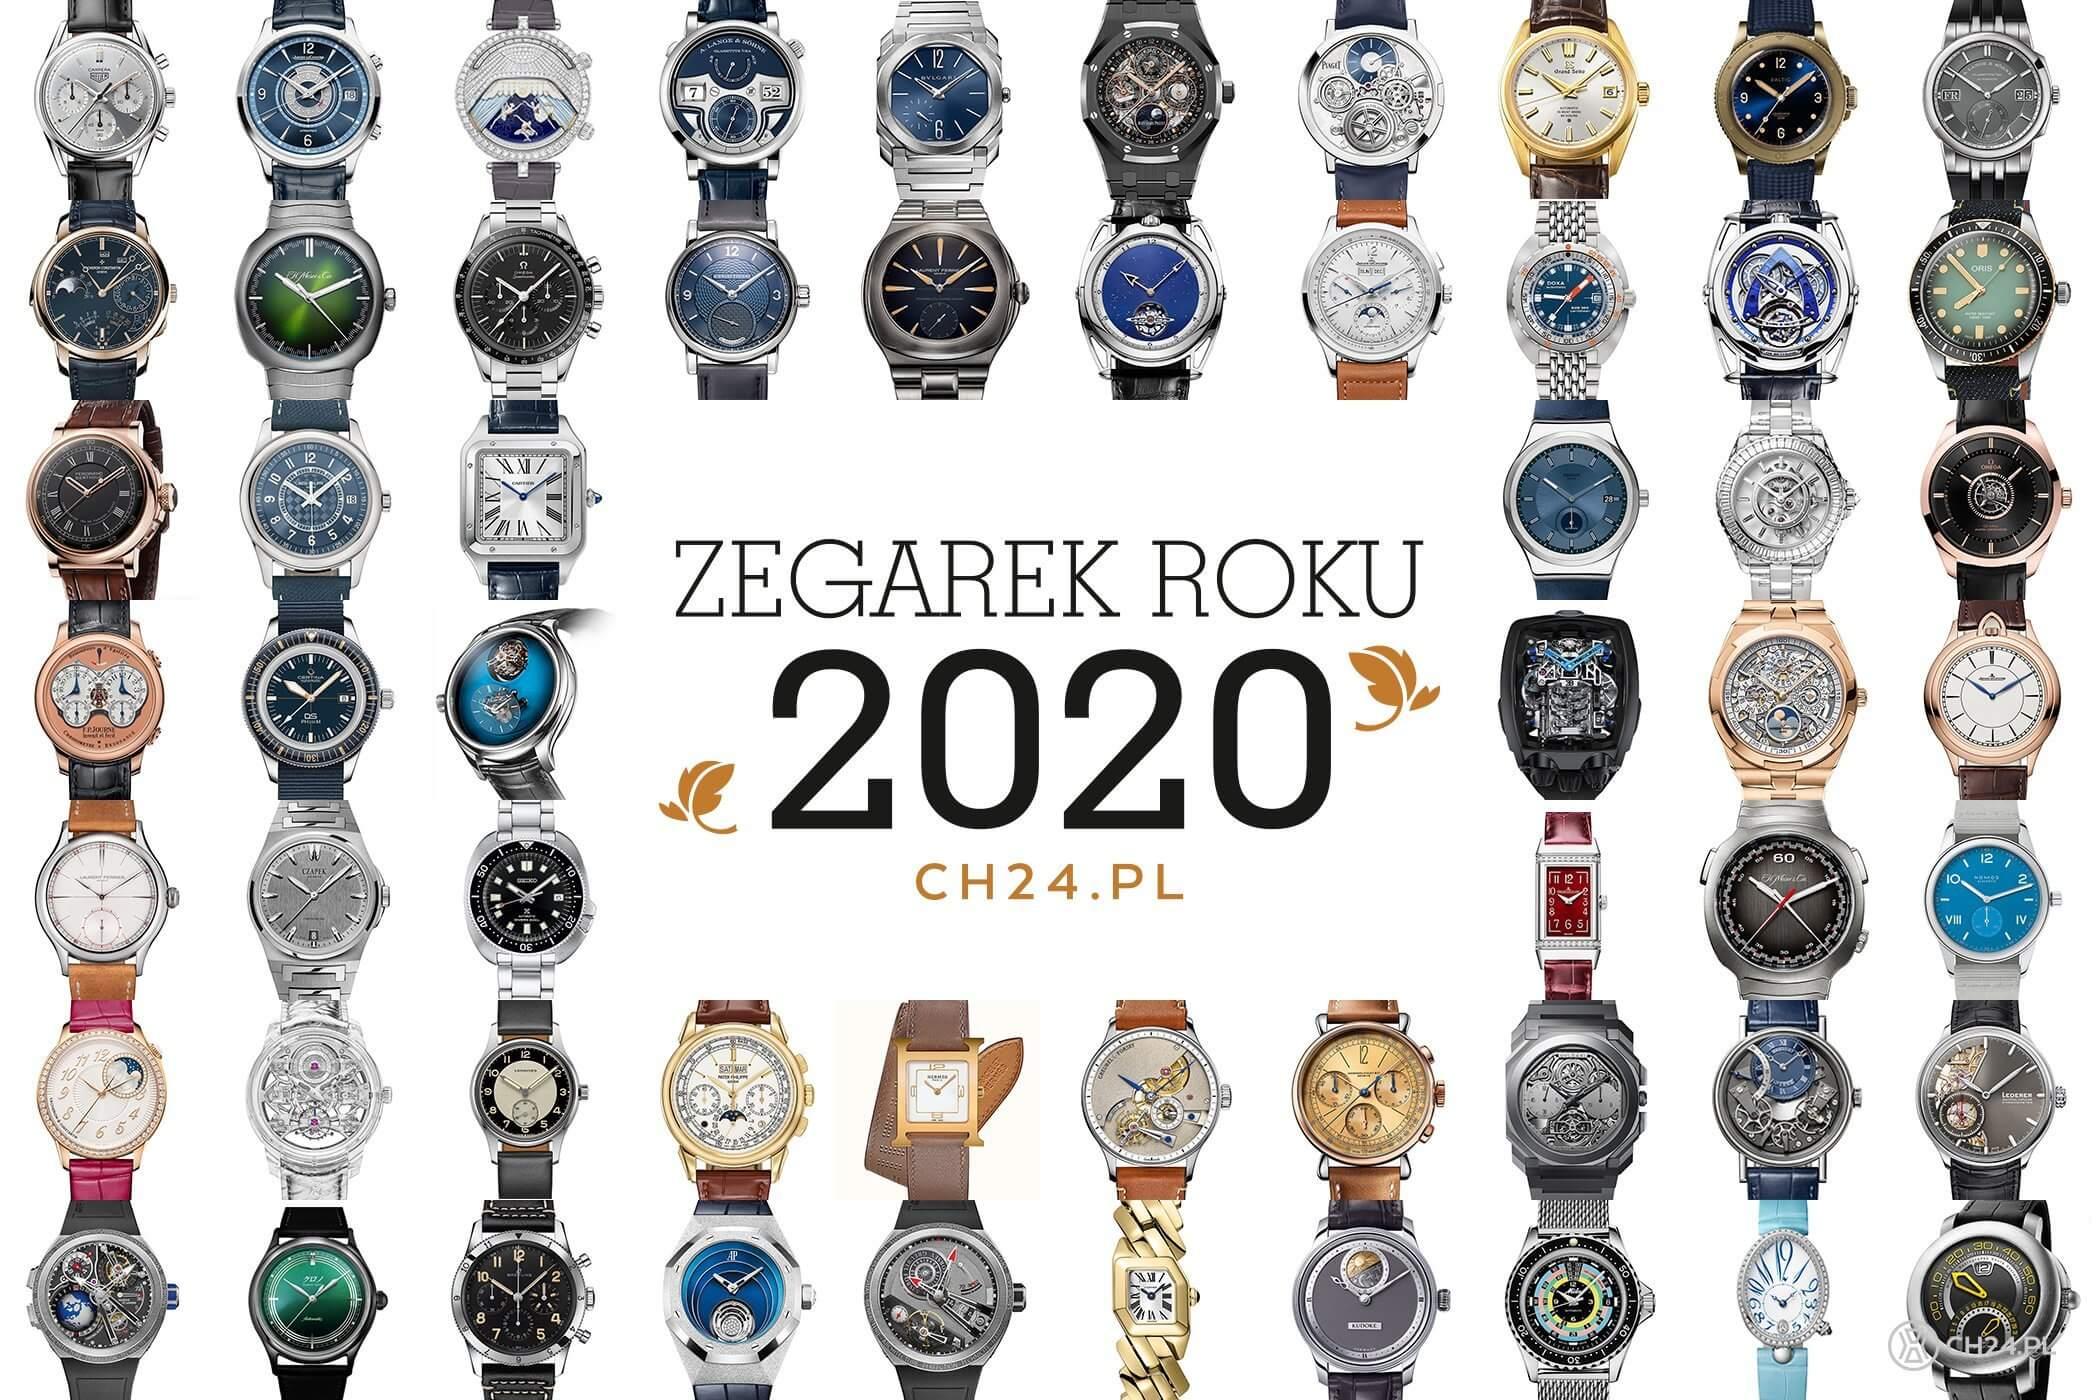 Zegarek Roku CH24.PL